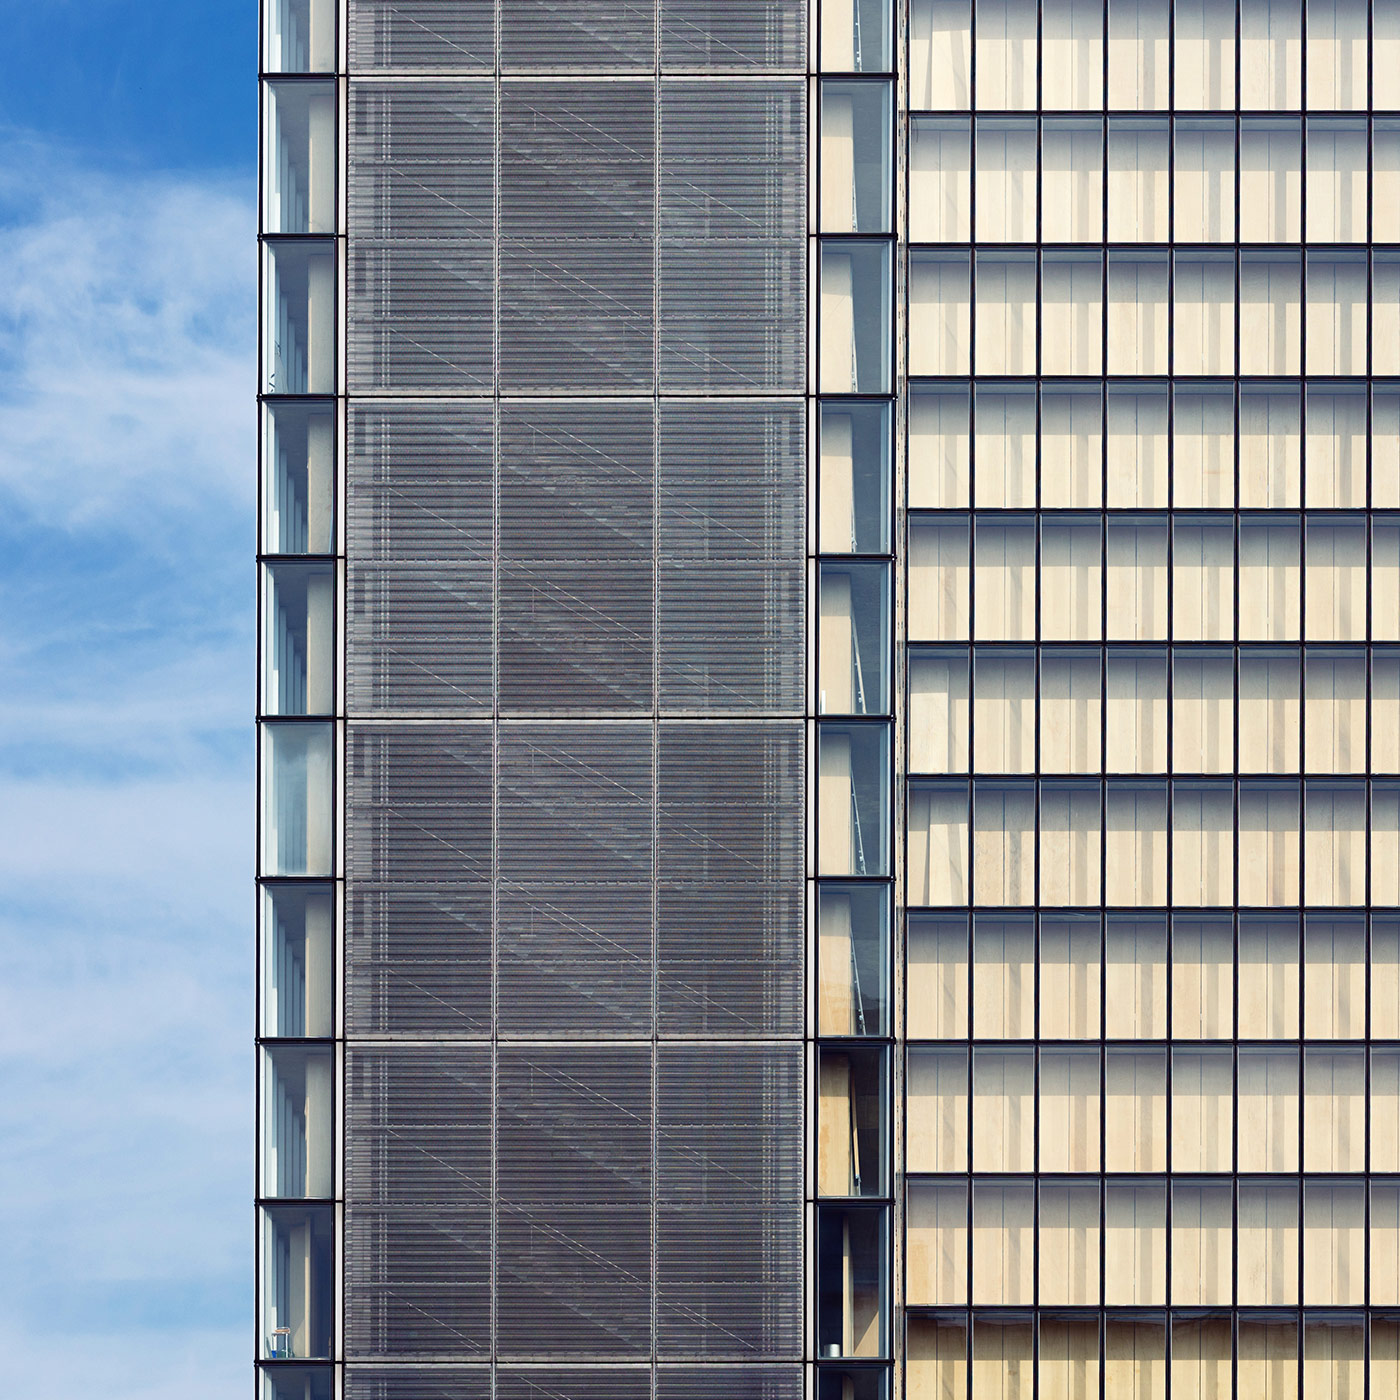 Bibliothèque nationale de France <br />Location: Paris, France <br />Architect: Dominique Perrault